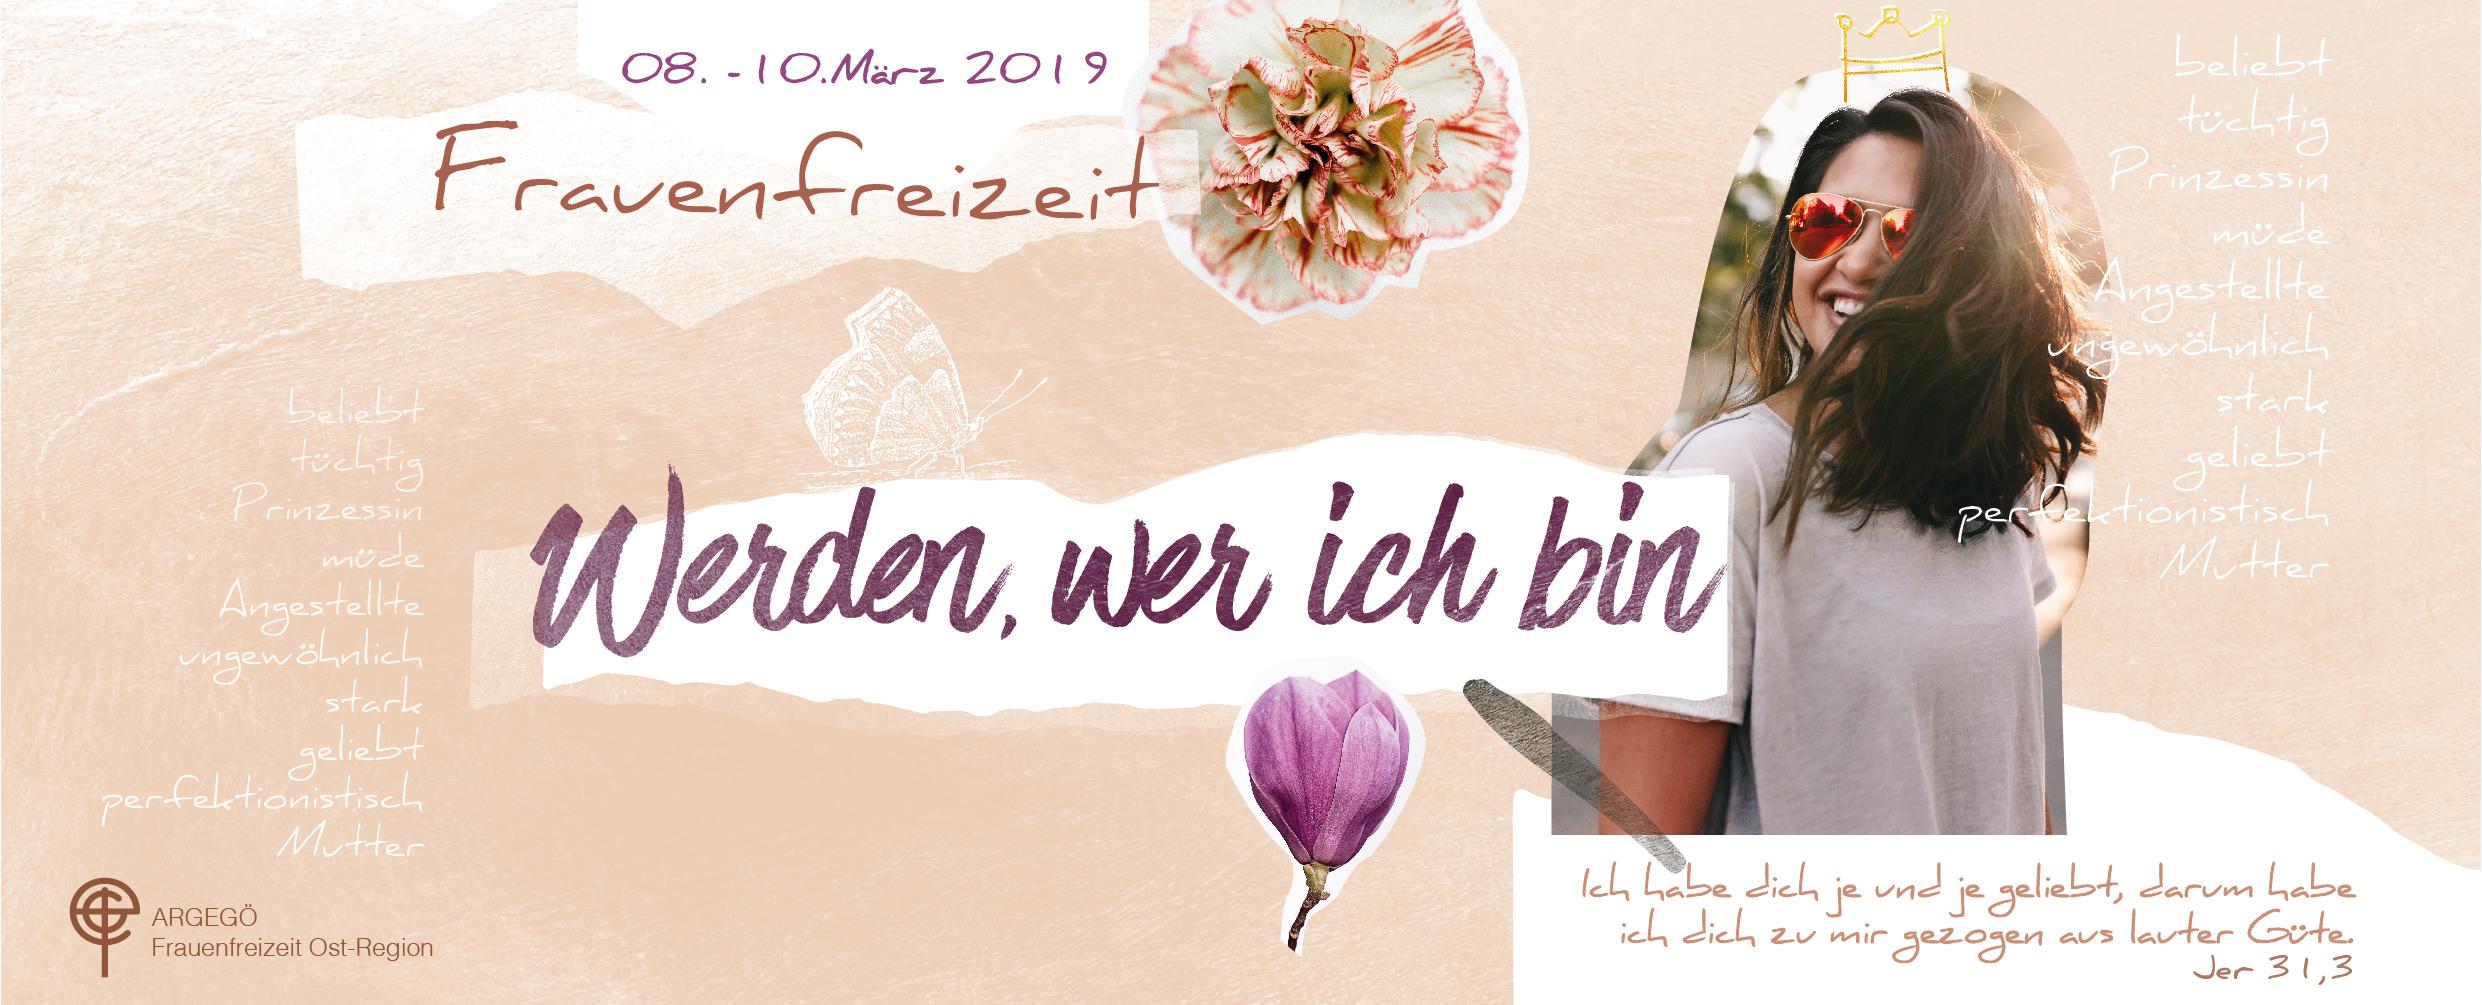 Einladung zur ARGEGÖ Frauenfreizeit Ost 2019